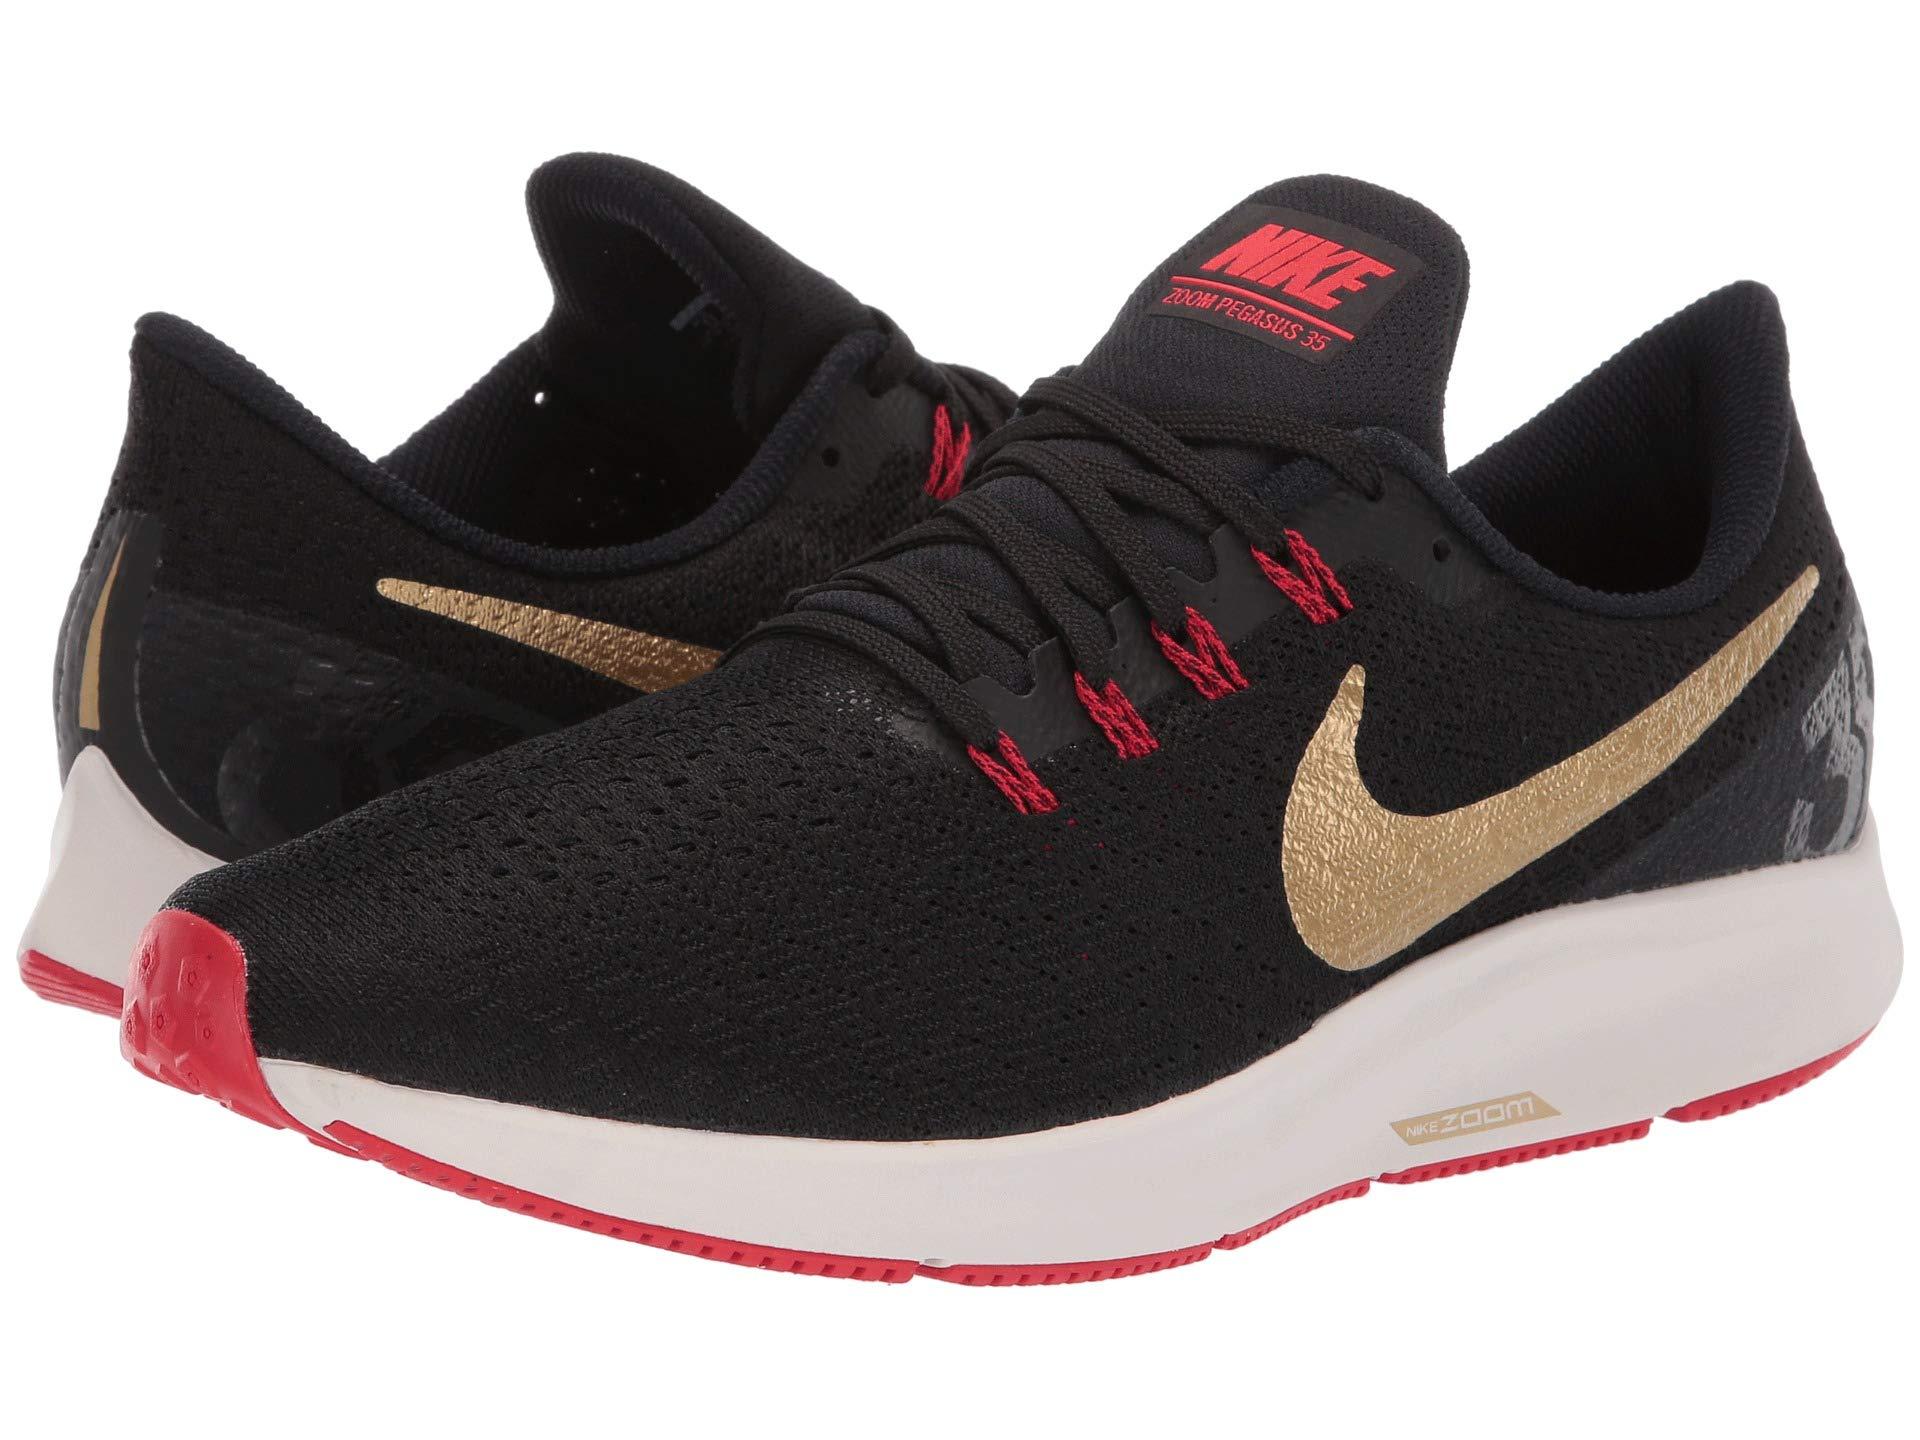 Nike Air Zoom Pegasus 35 Sz 6.5 Mens Running Black/Metallic Gold-University Red Shoes by Nike (Image #7)